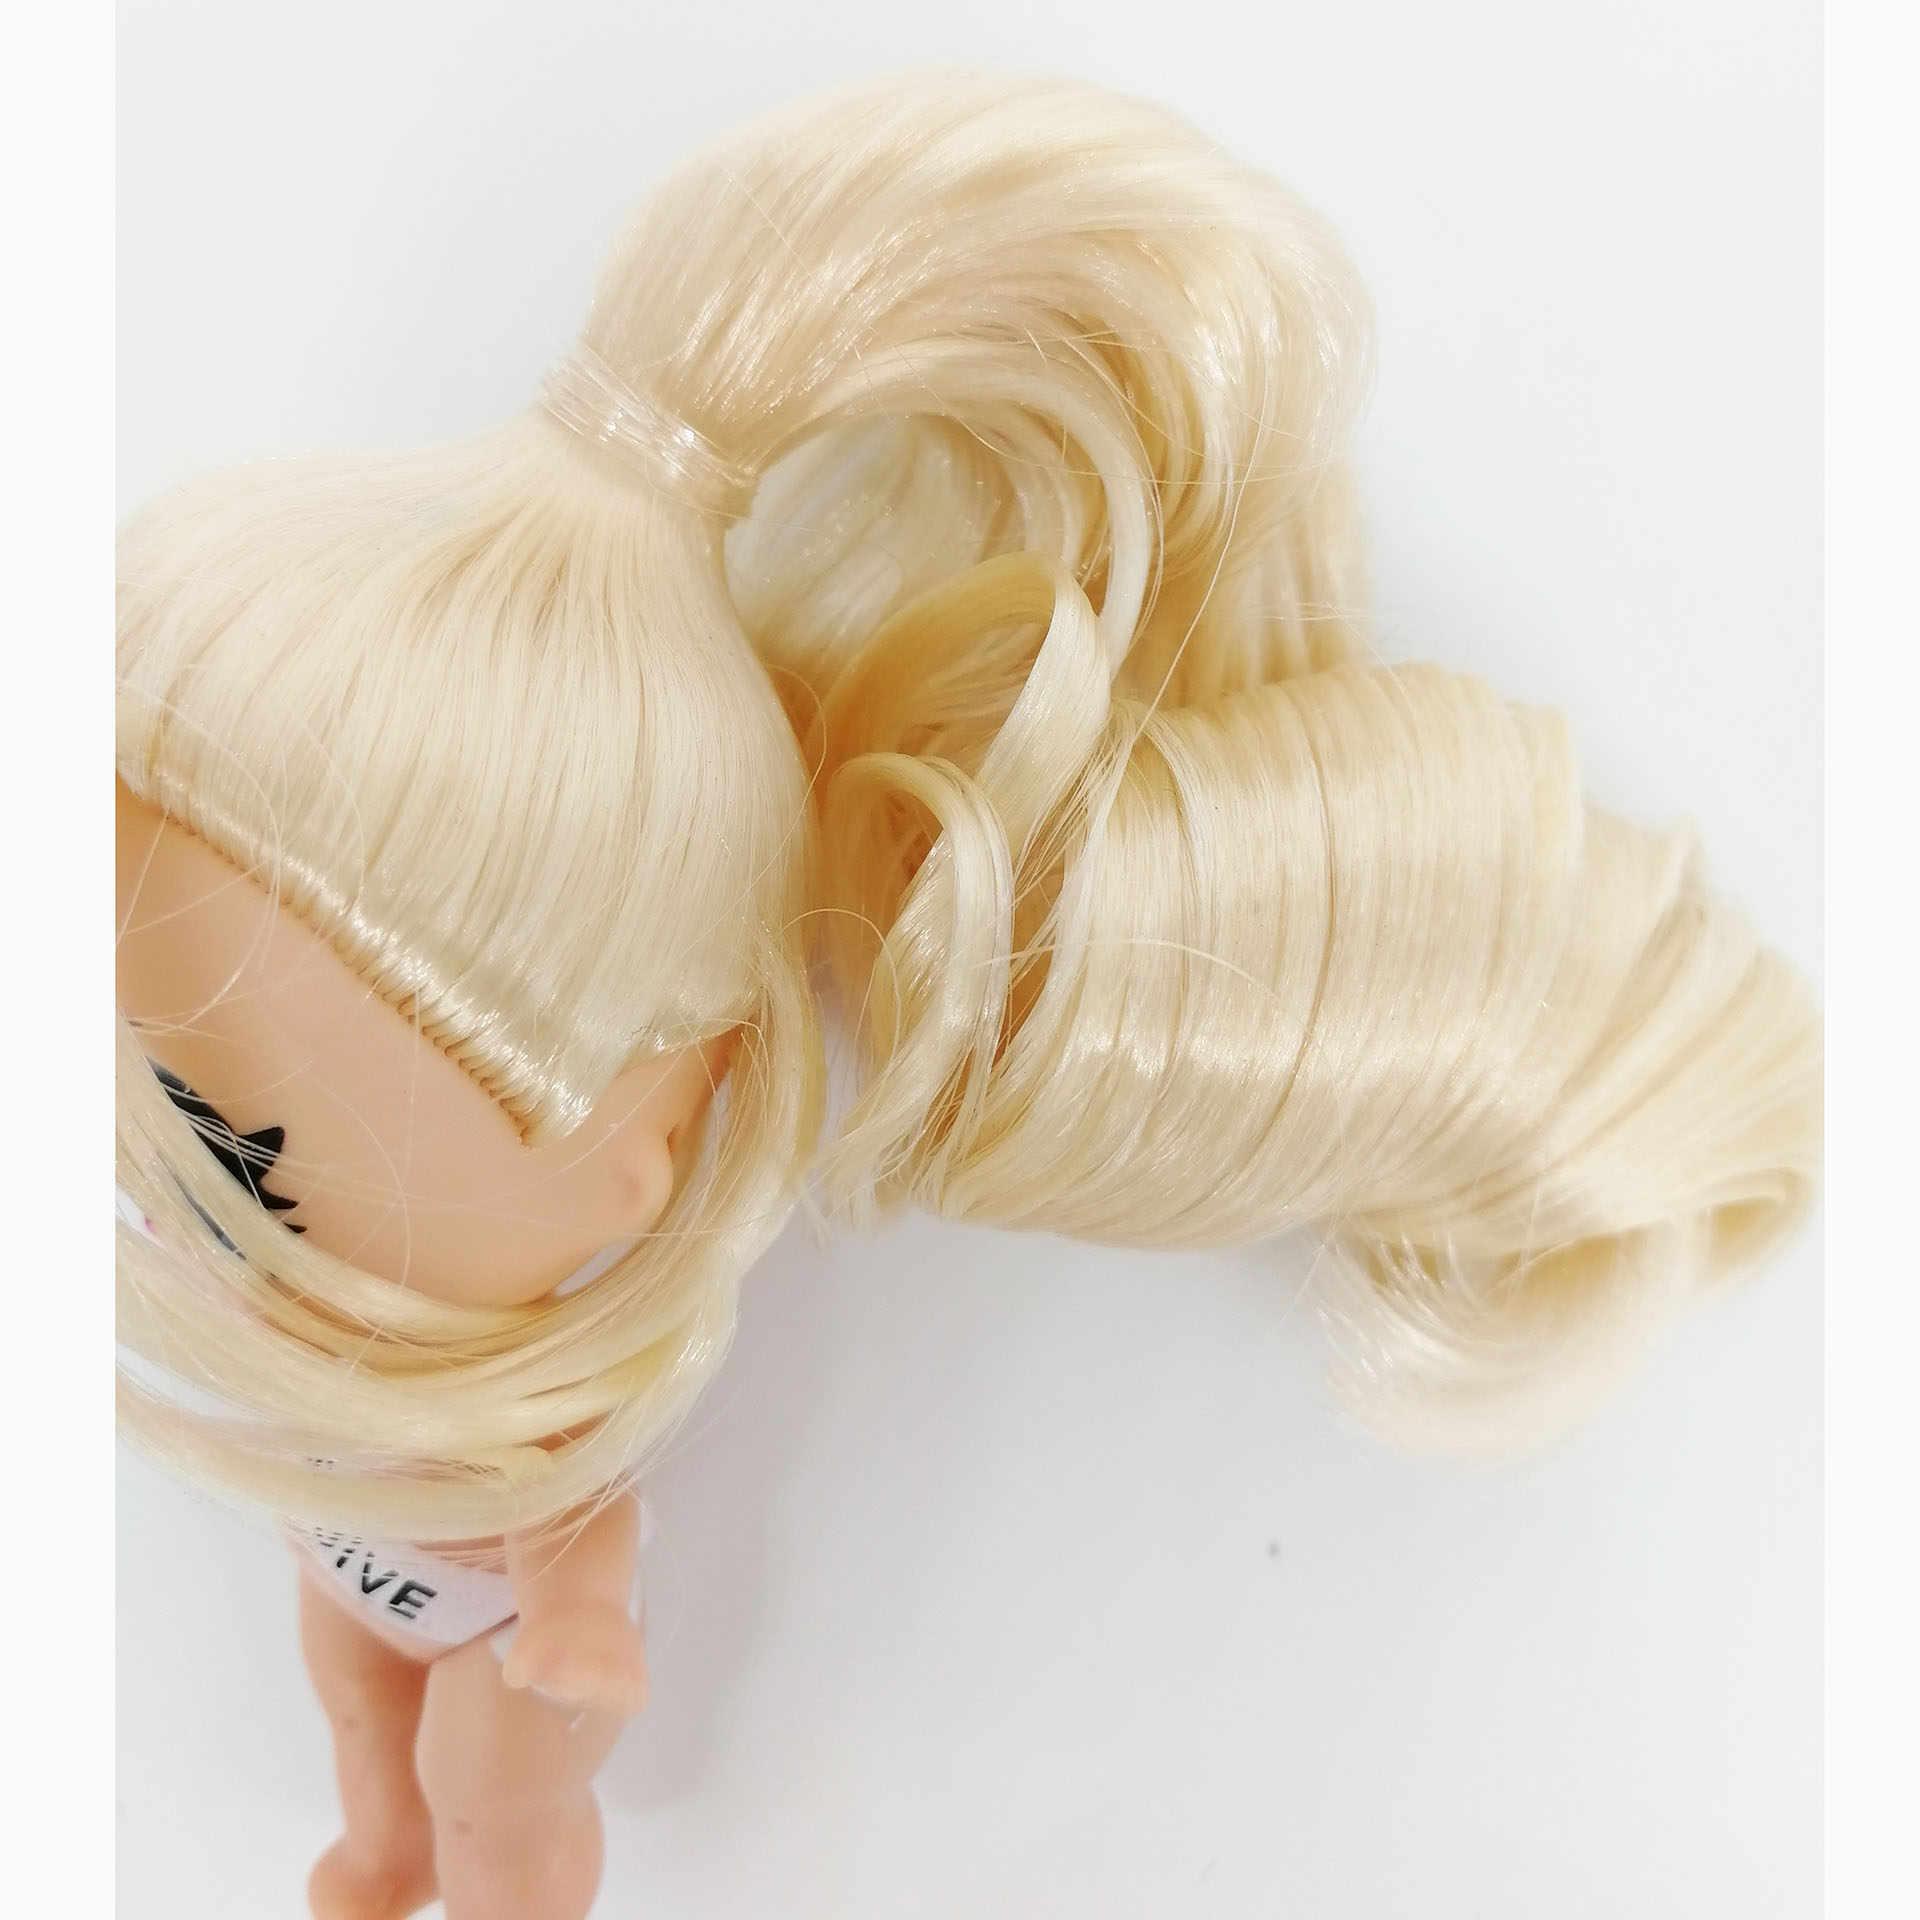 LOL sorpresa muñeca pelo a granel de la carga juguete adornos para regalo de cumpleaños de las niñas